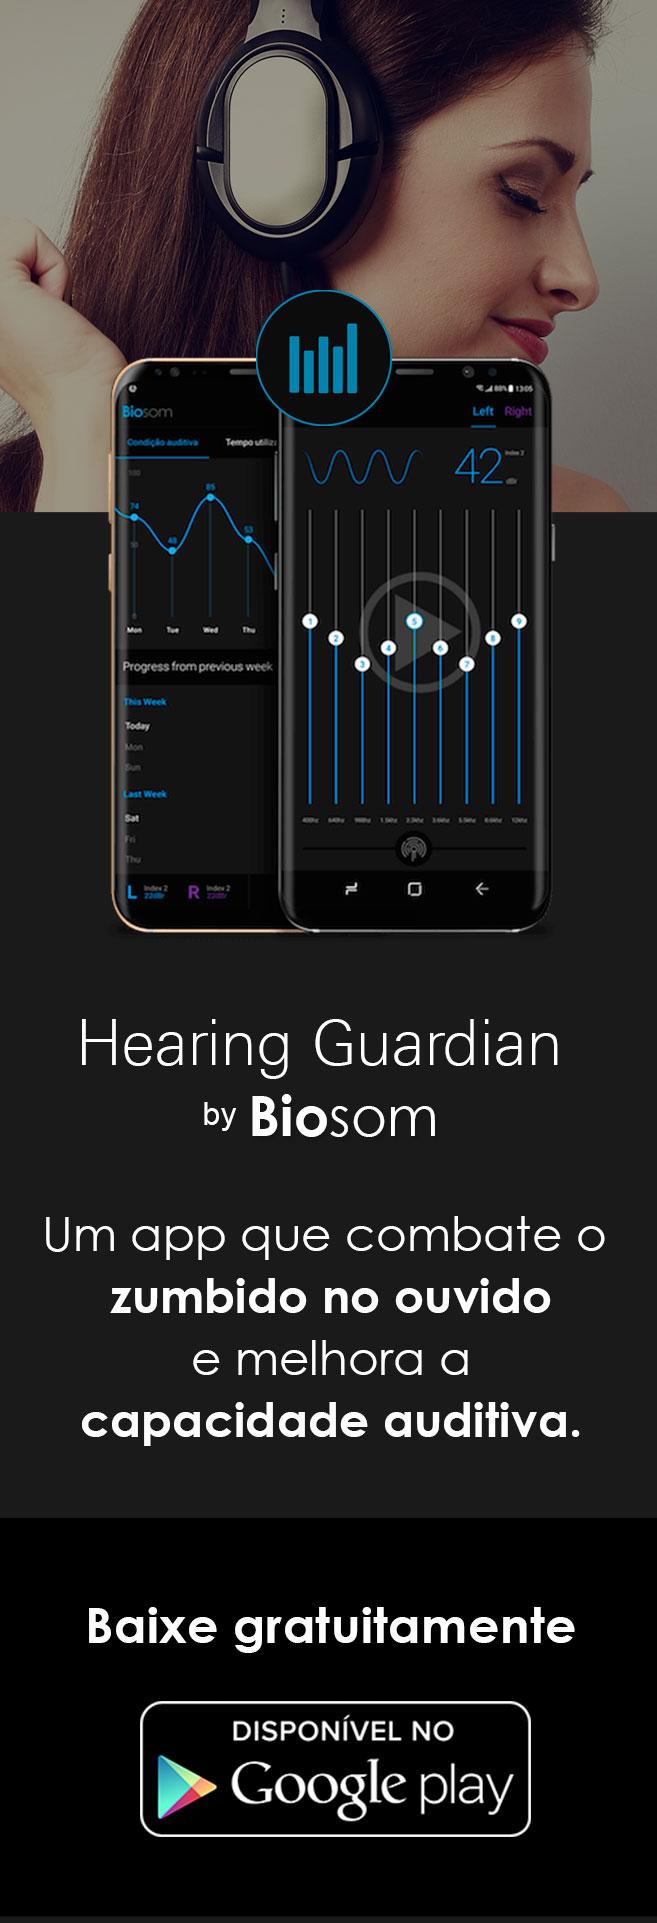 Hearing Guardian Zumbido no Ouvido download